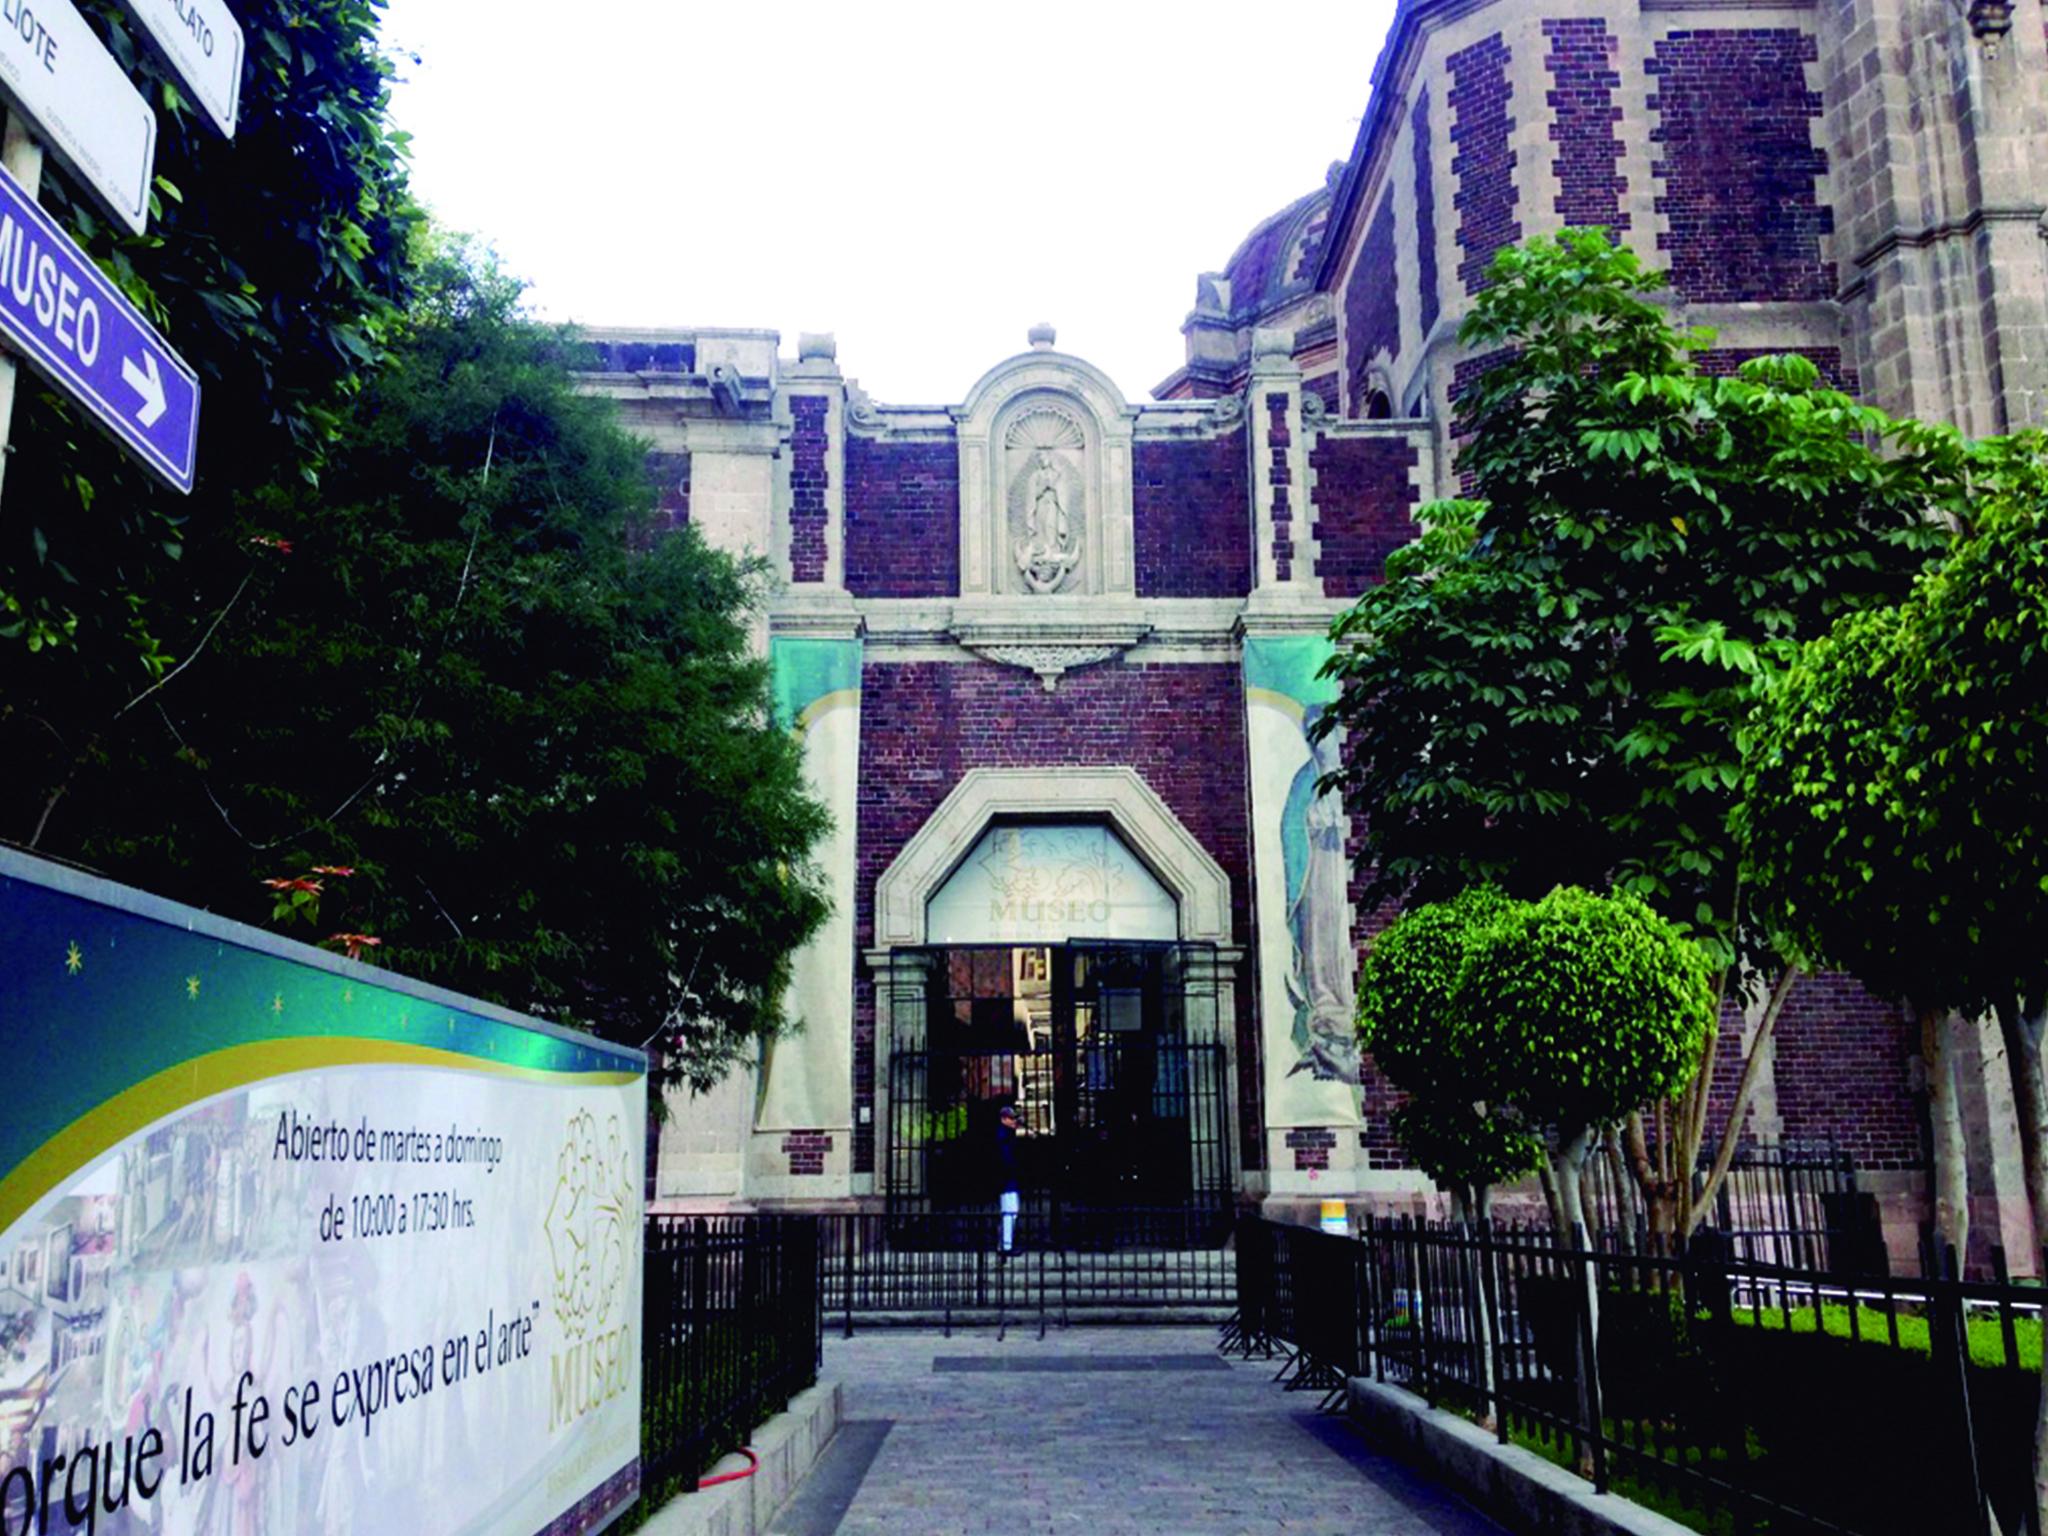 foto de la entrada al Museo de la Basilica de Guadalupe